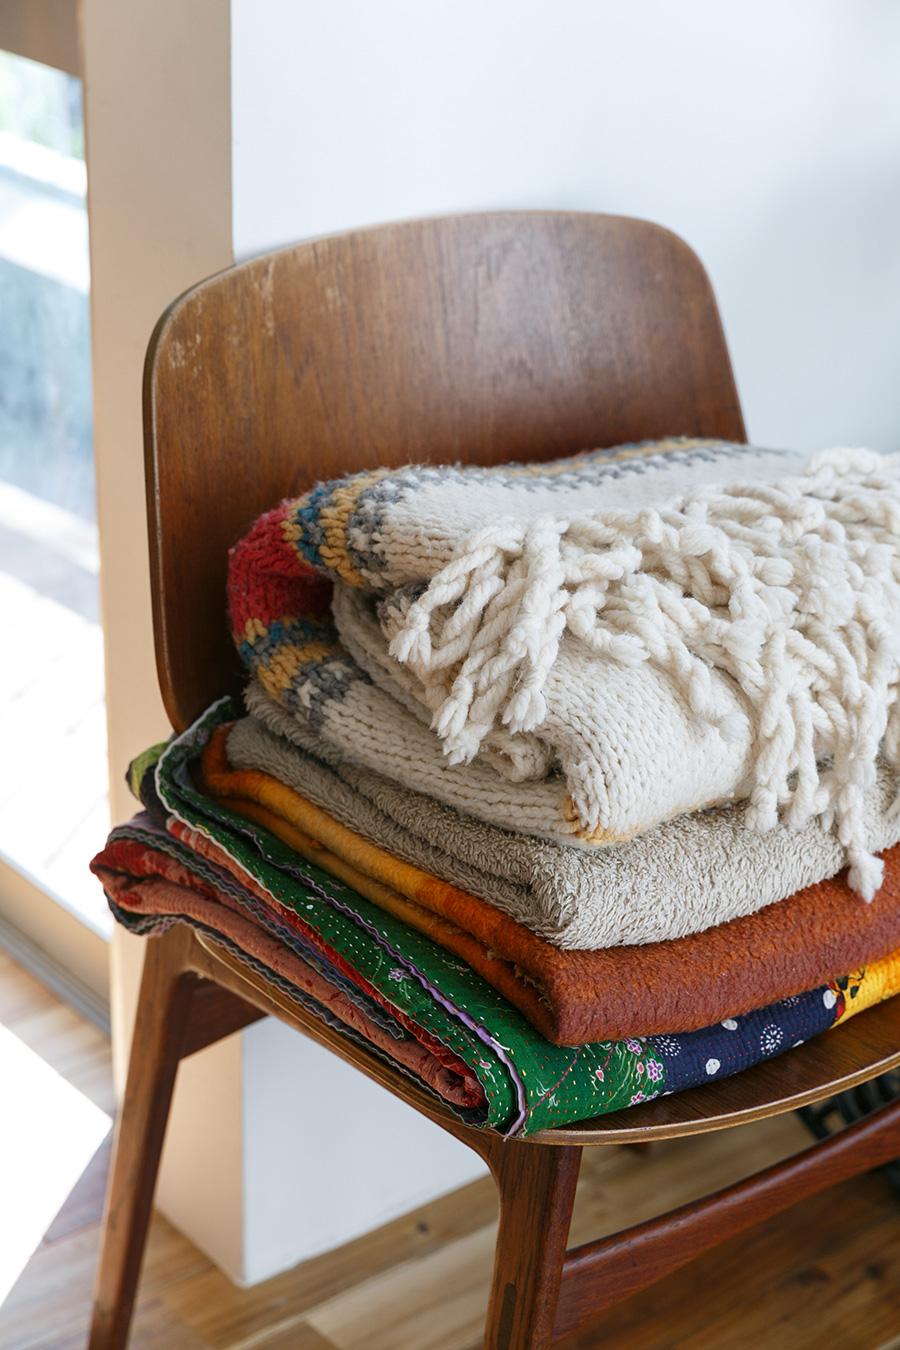 ヴィンテージ家具店で手に入れたチェアに、ブランケットをのせて暖かさを演出。